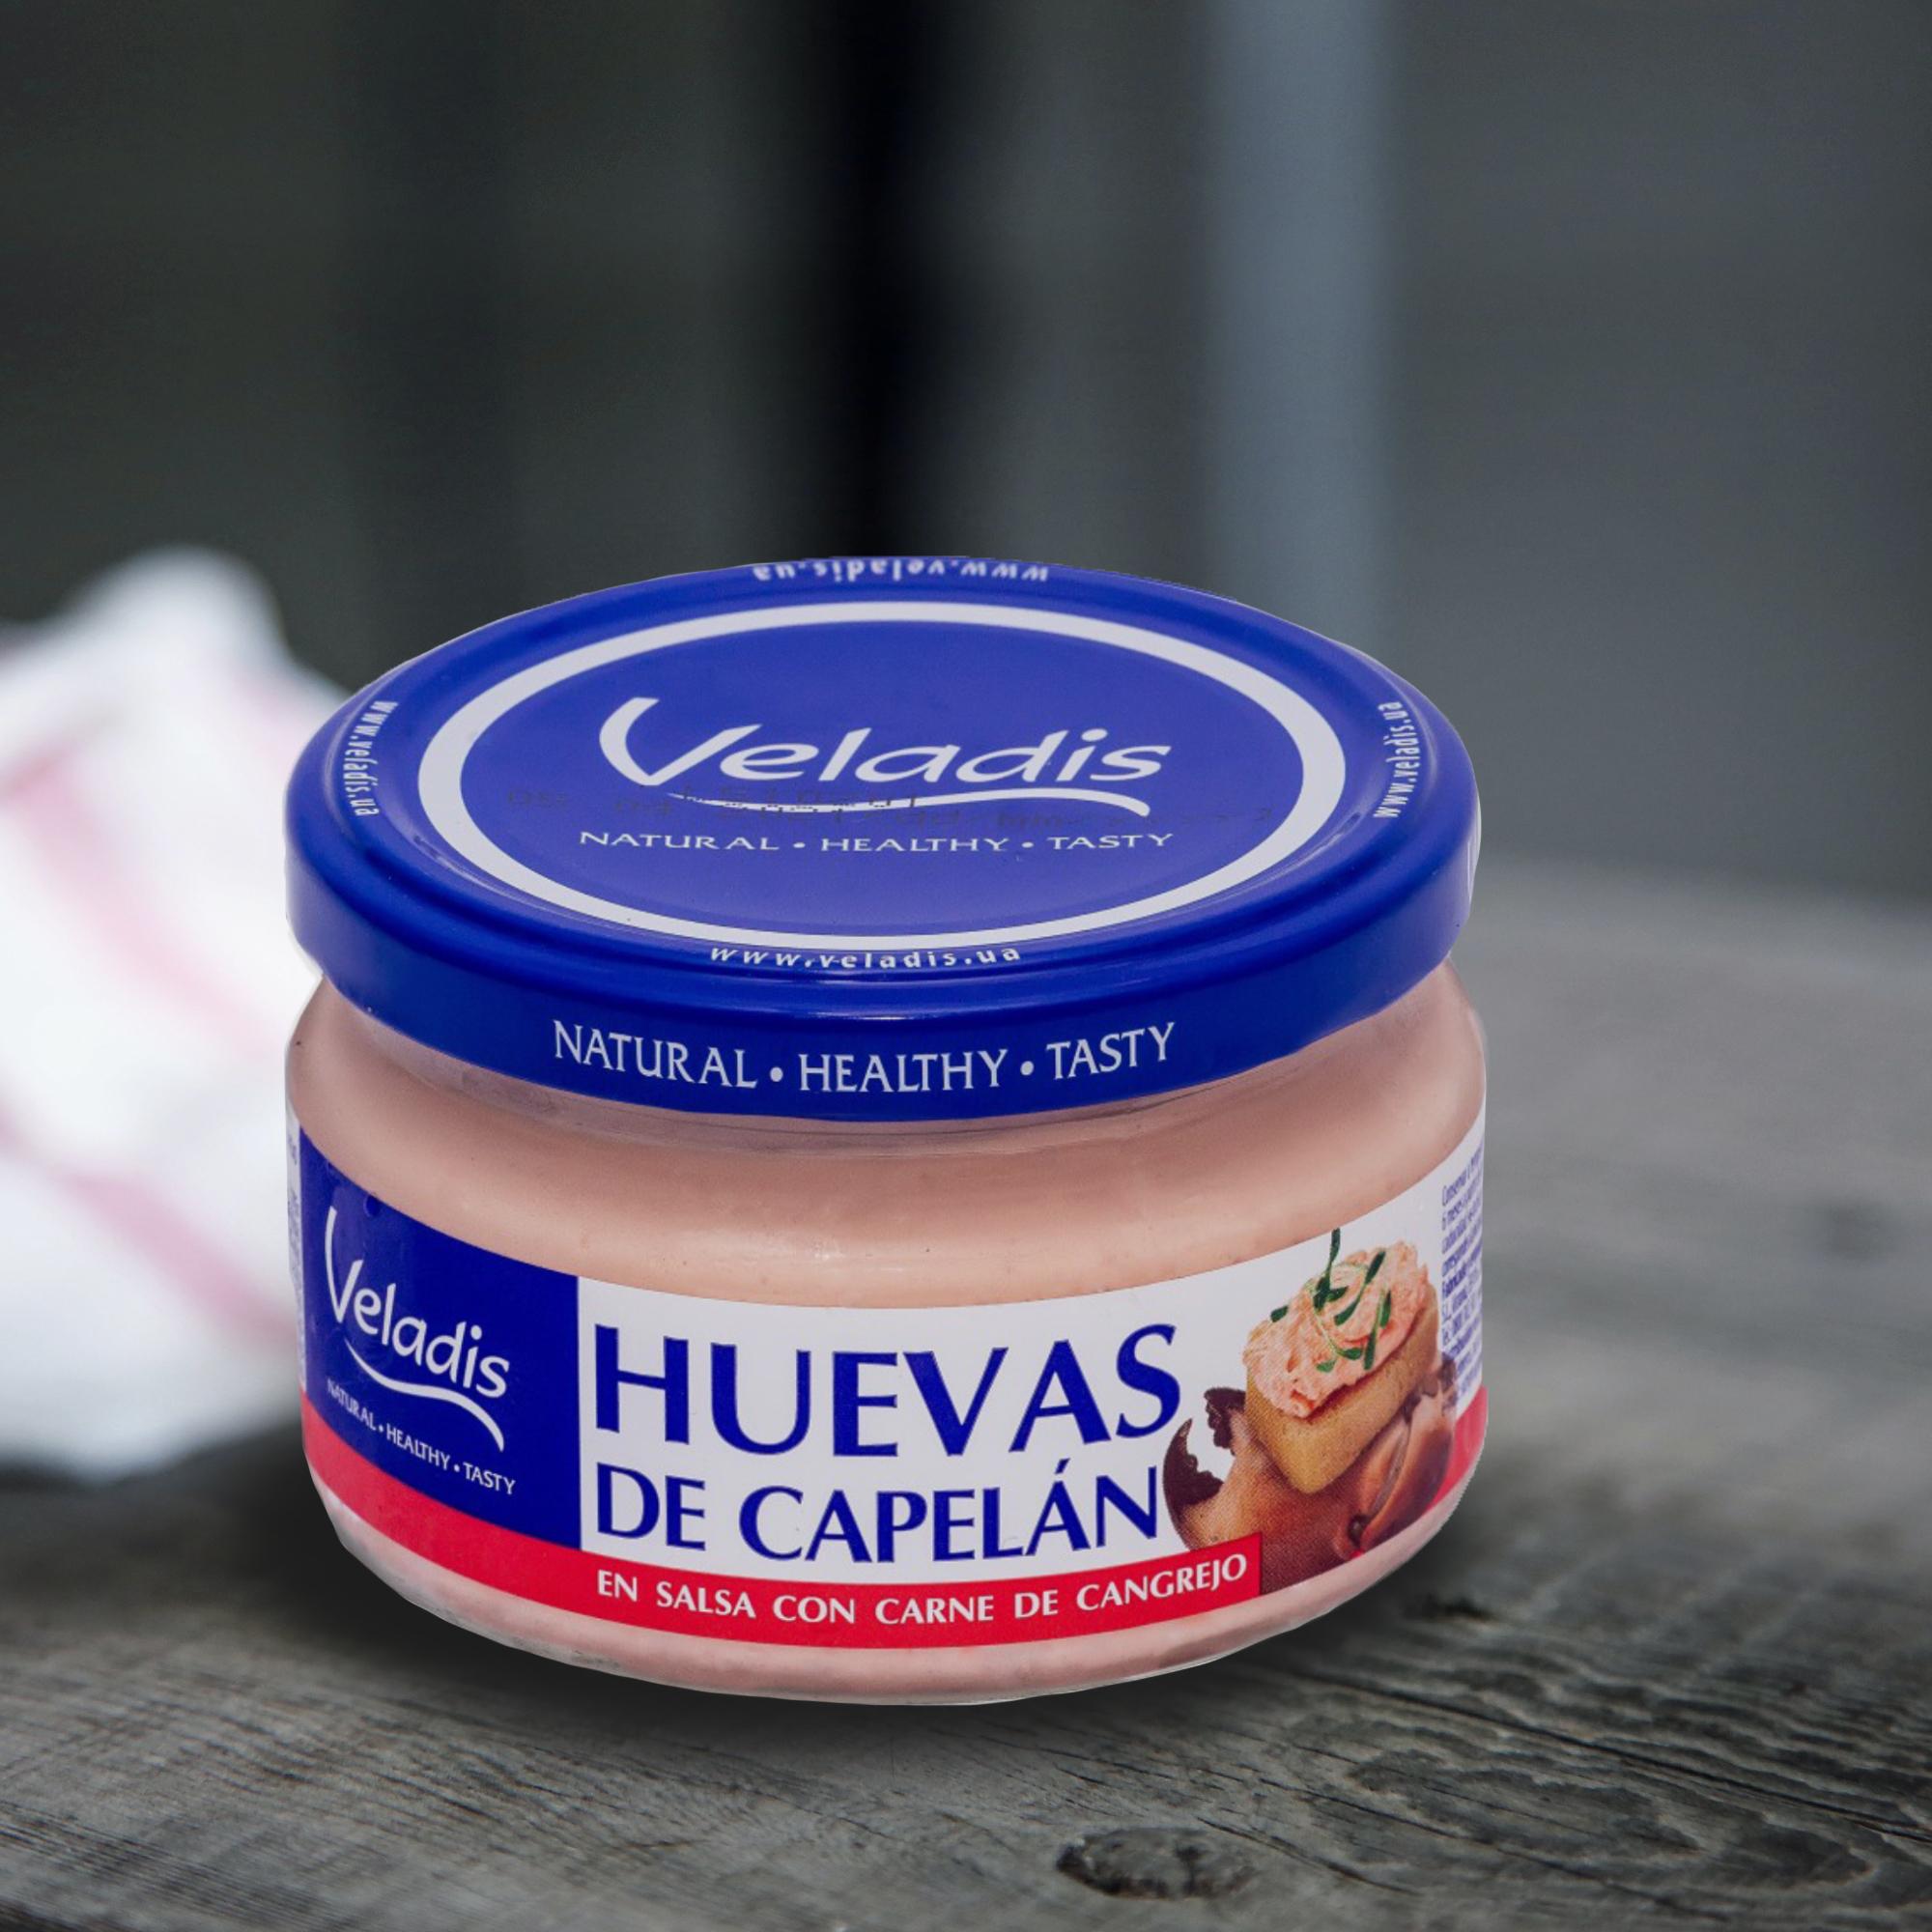 Crema de huevas de capelán con carne de cangrejo